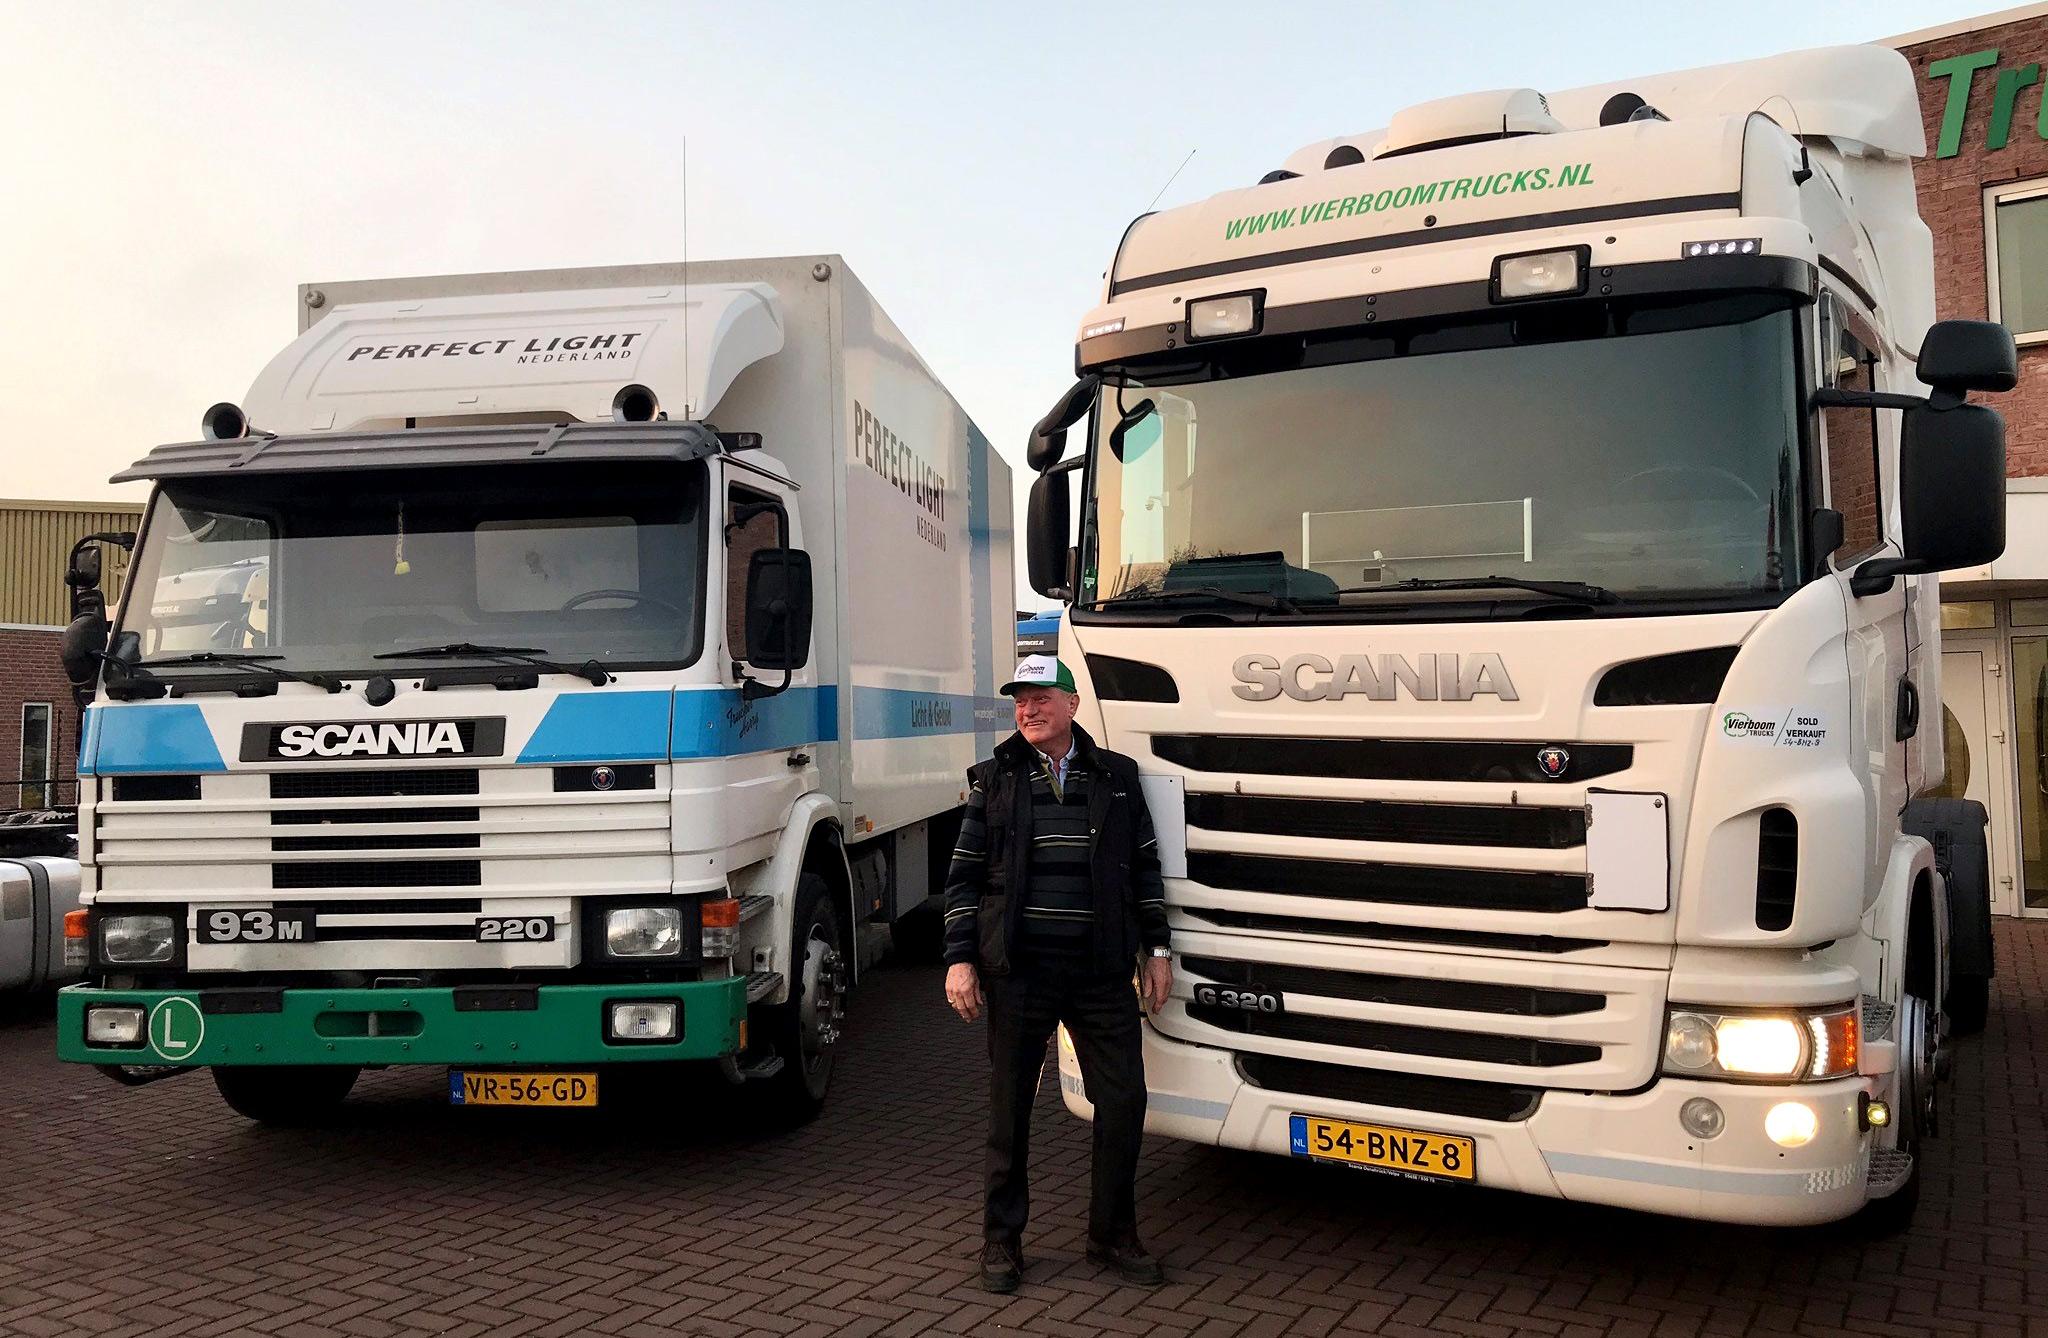 Met de vlam in de pijp: Goed de weg op met onze nieuwe vrachtwagencombinatie!